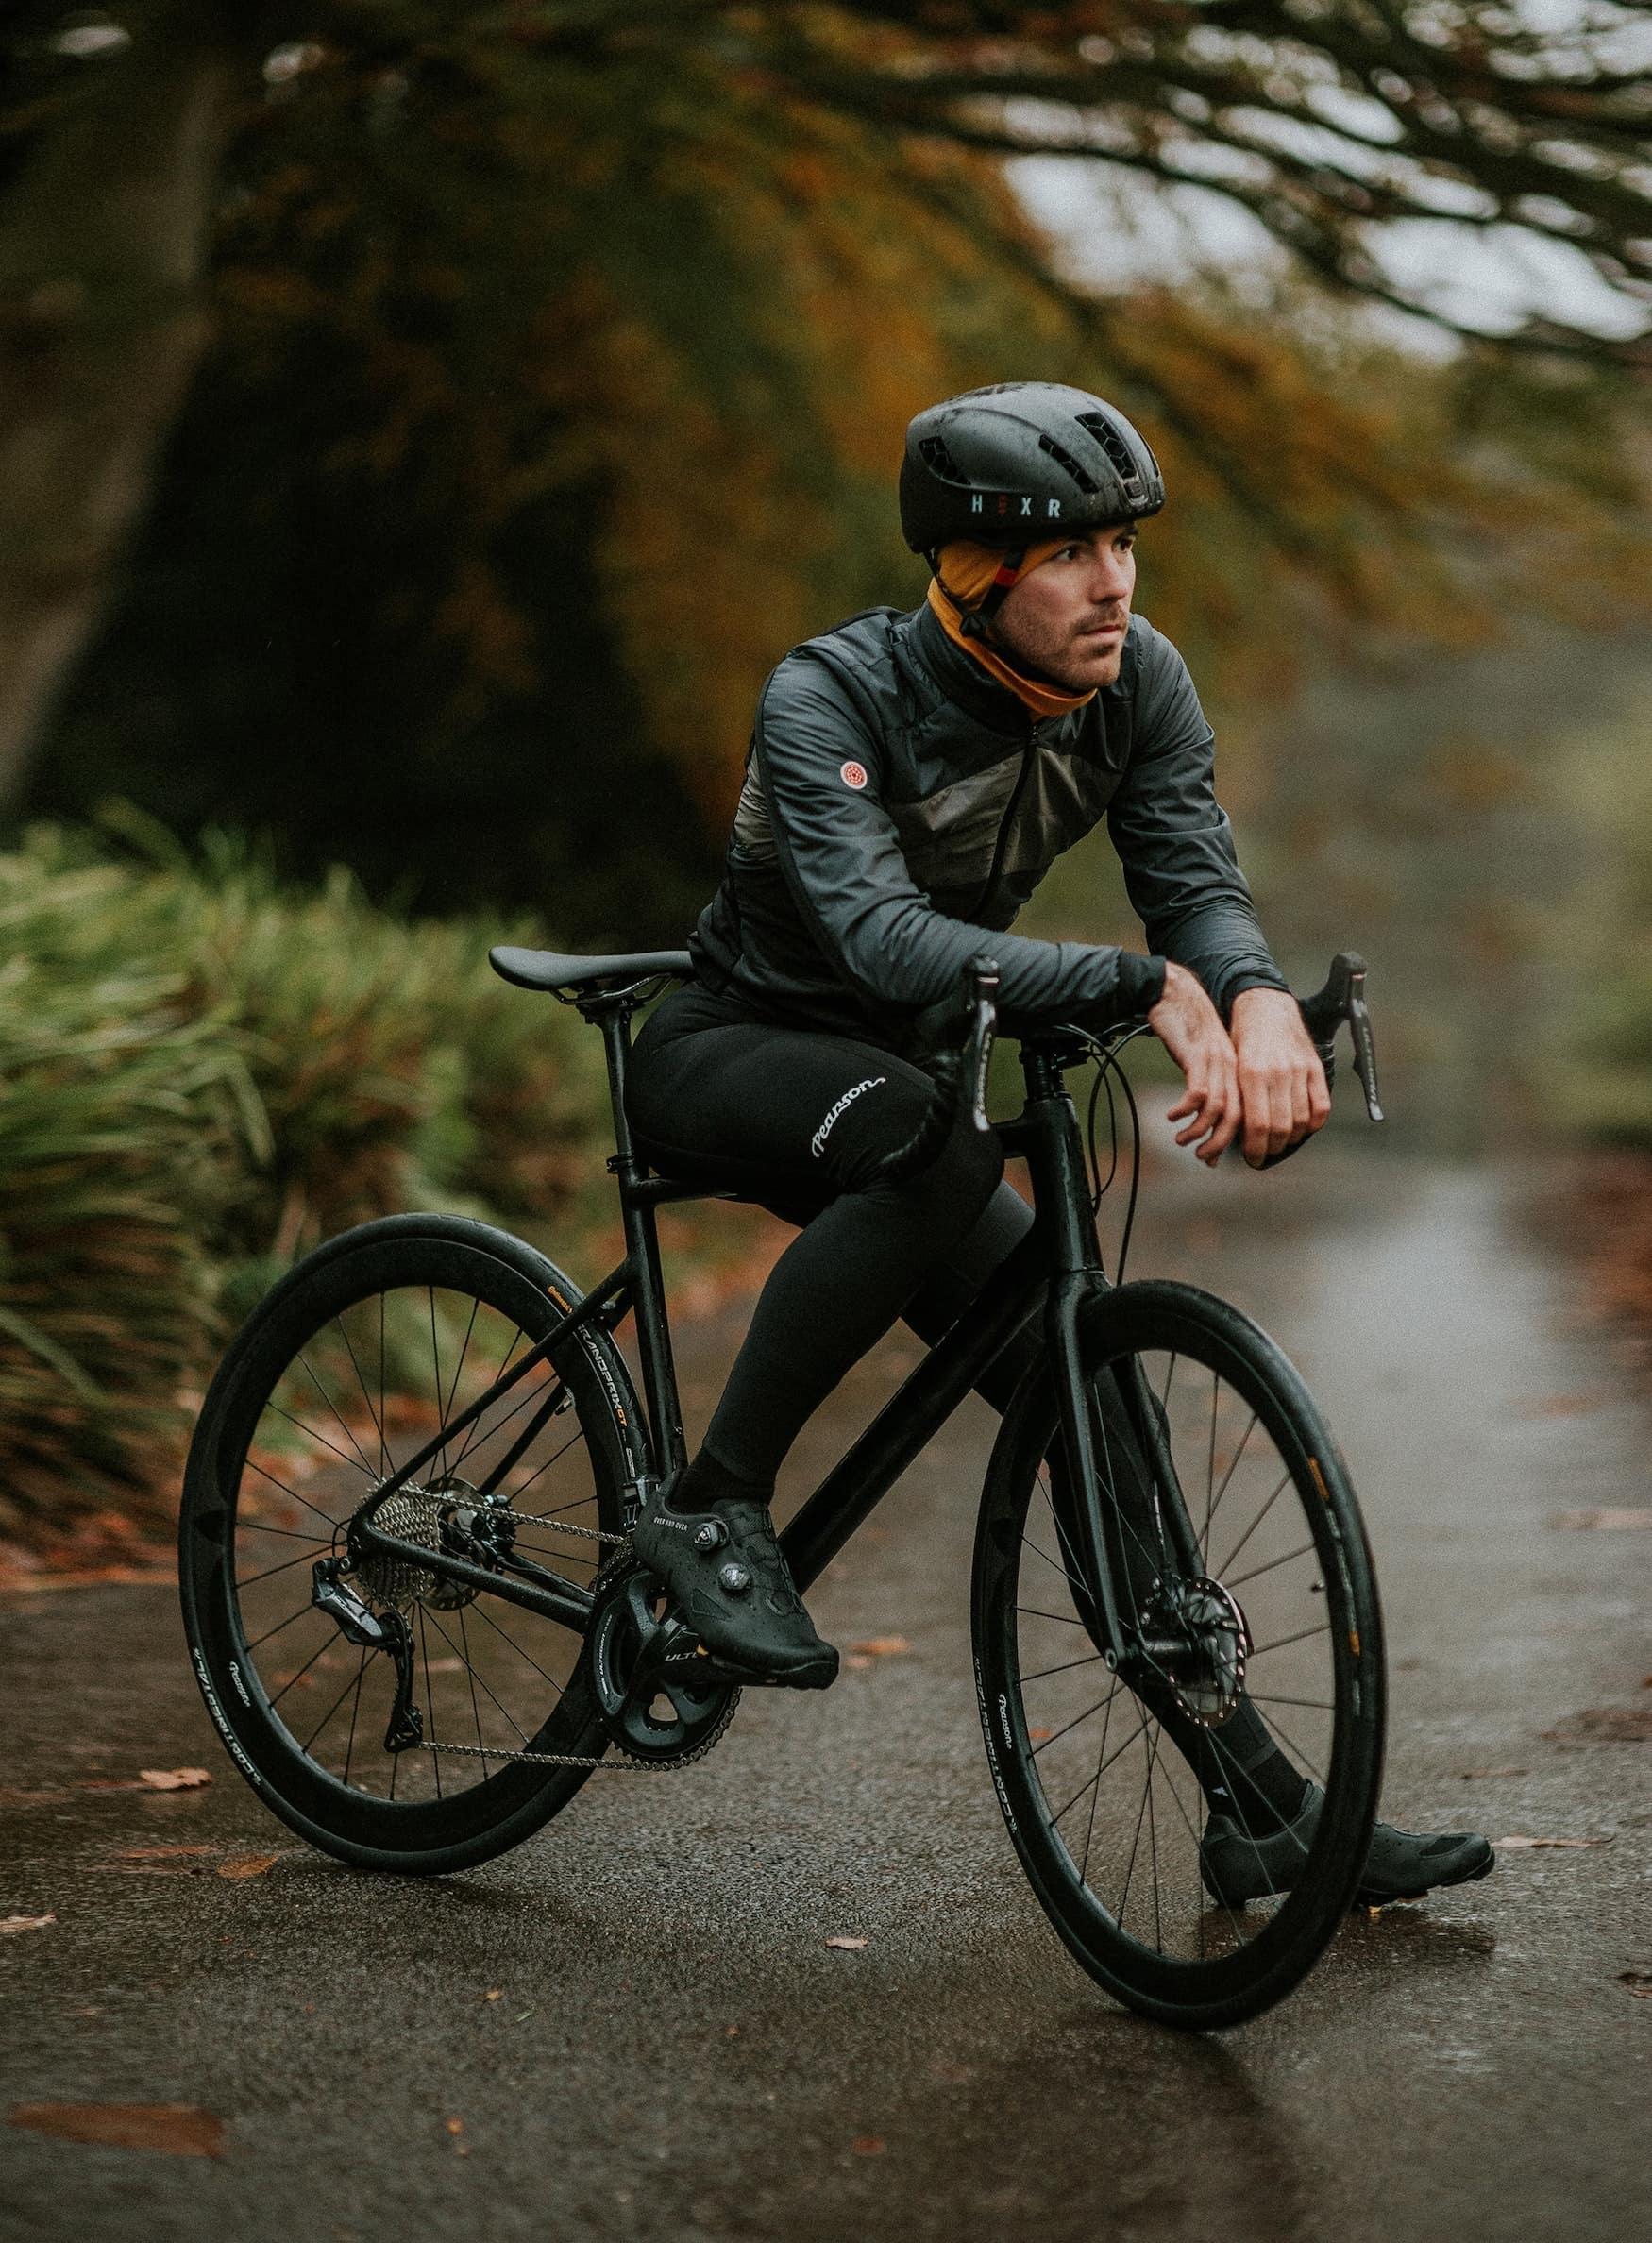 Fahrradfahrer im Winter